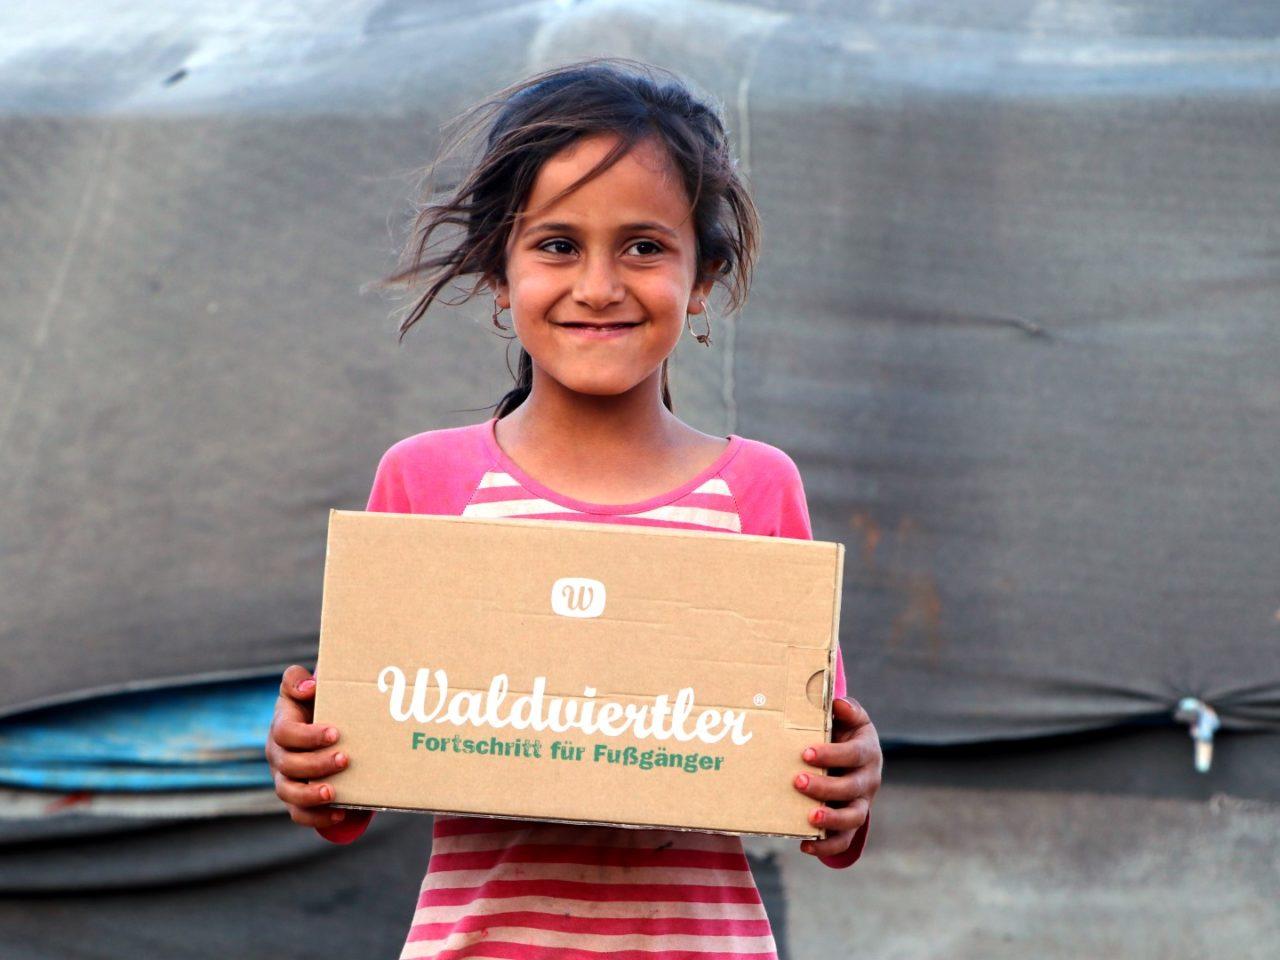 Waldviertler Schuhspende für Flüchtlinge - Karawane der Menschlichkeit